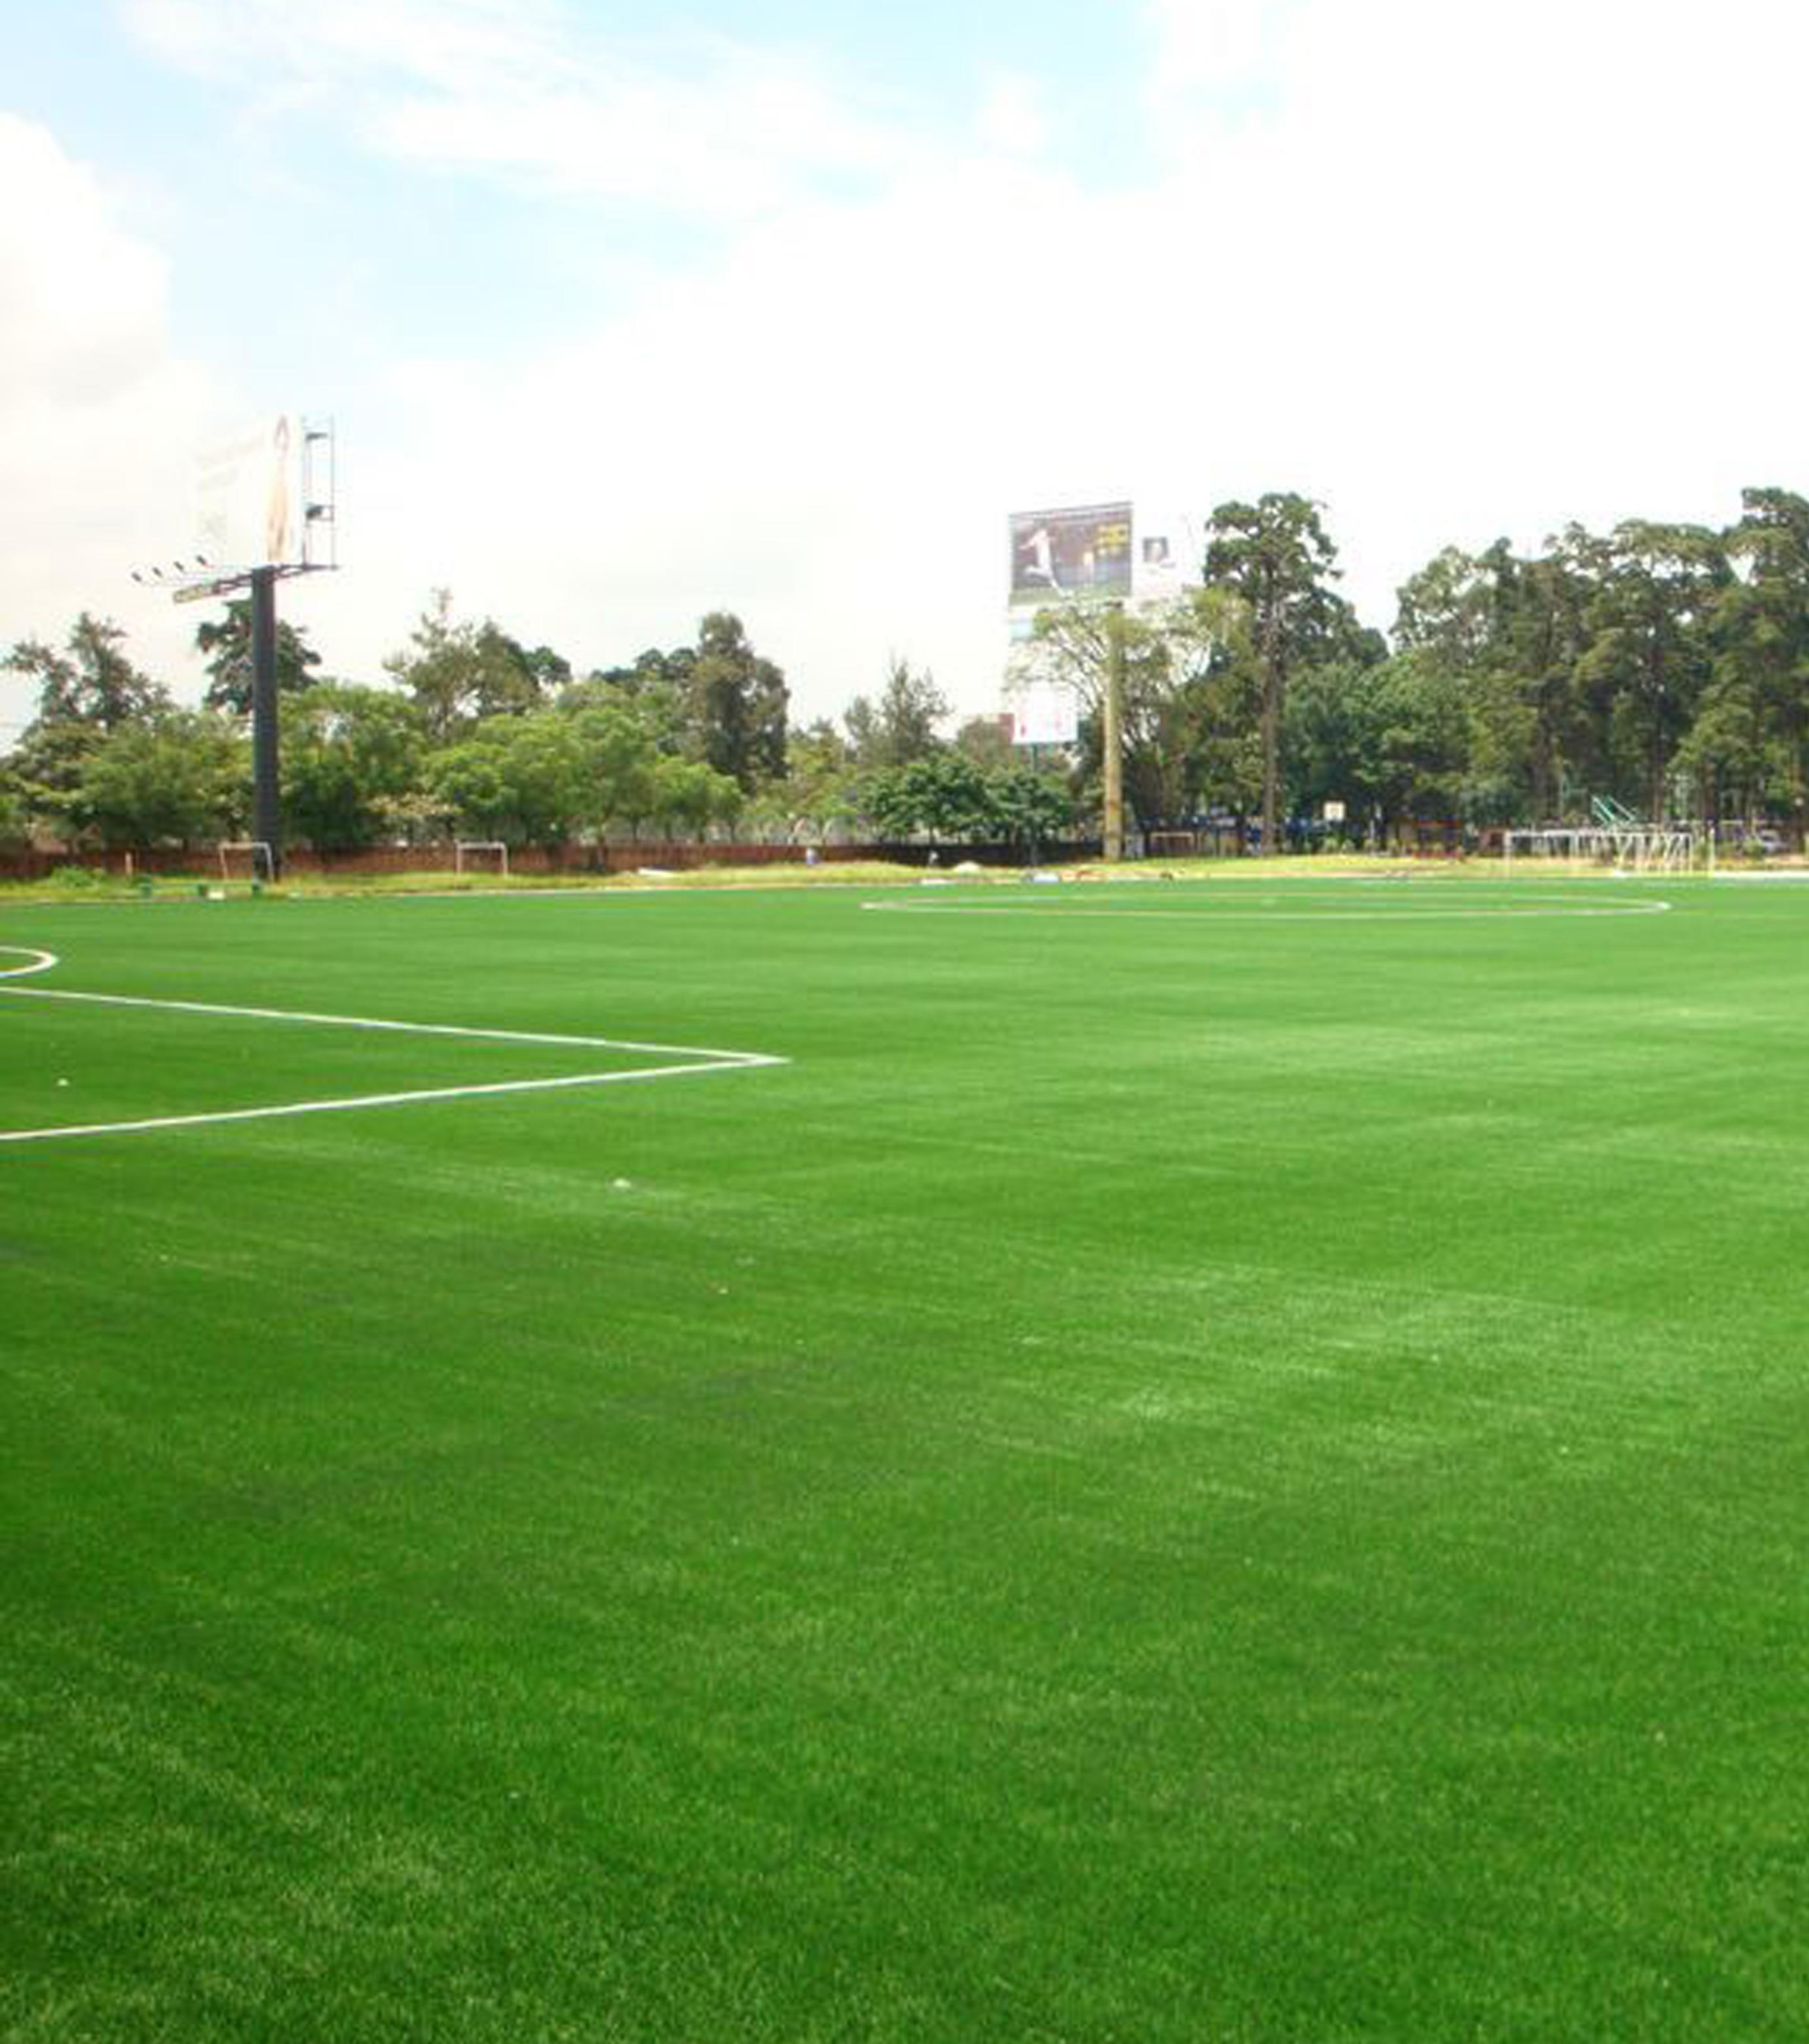 Cancha de Fútbol - Parque Samanes